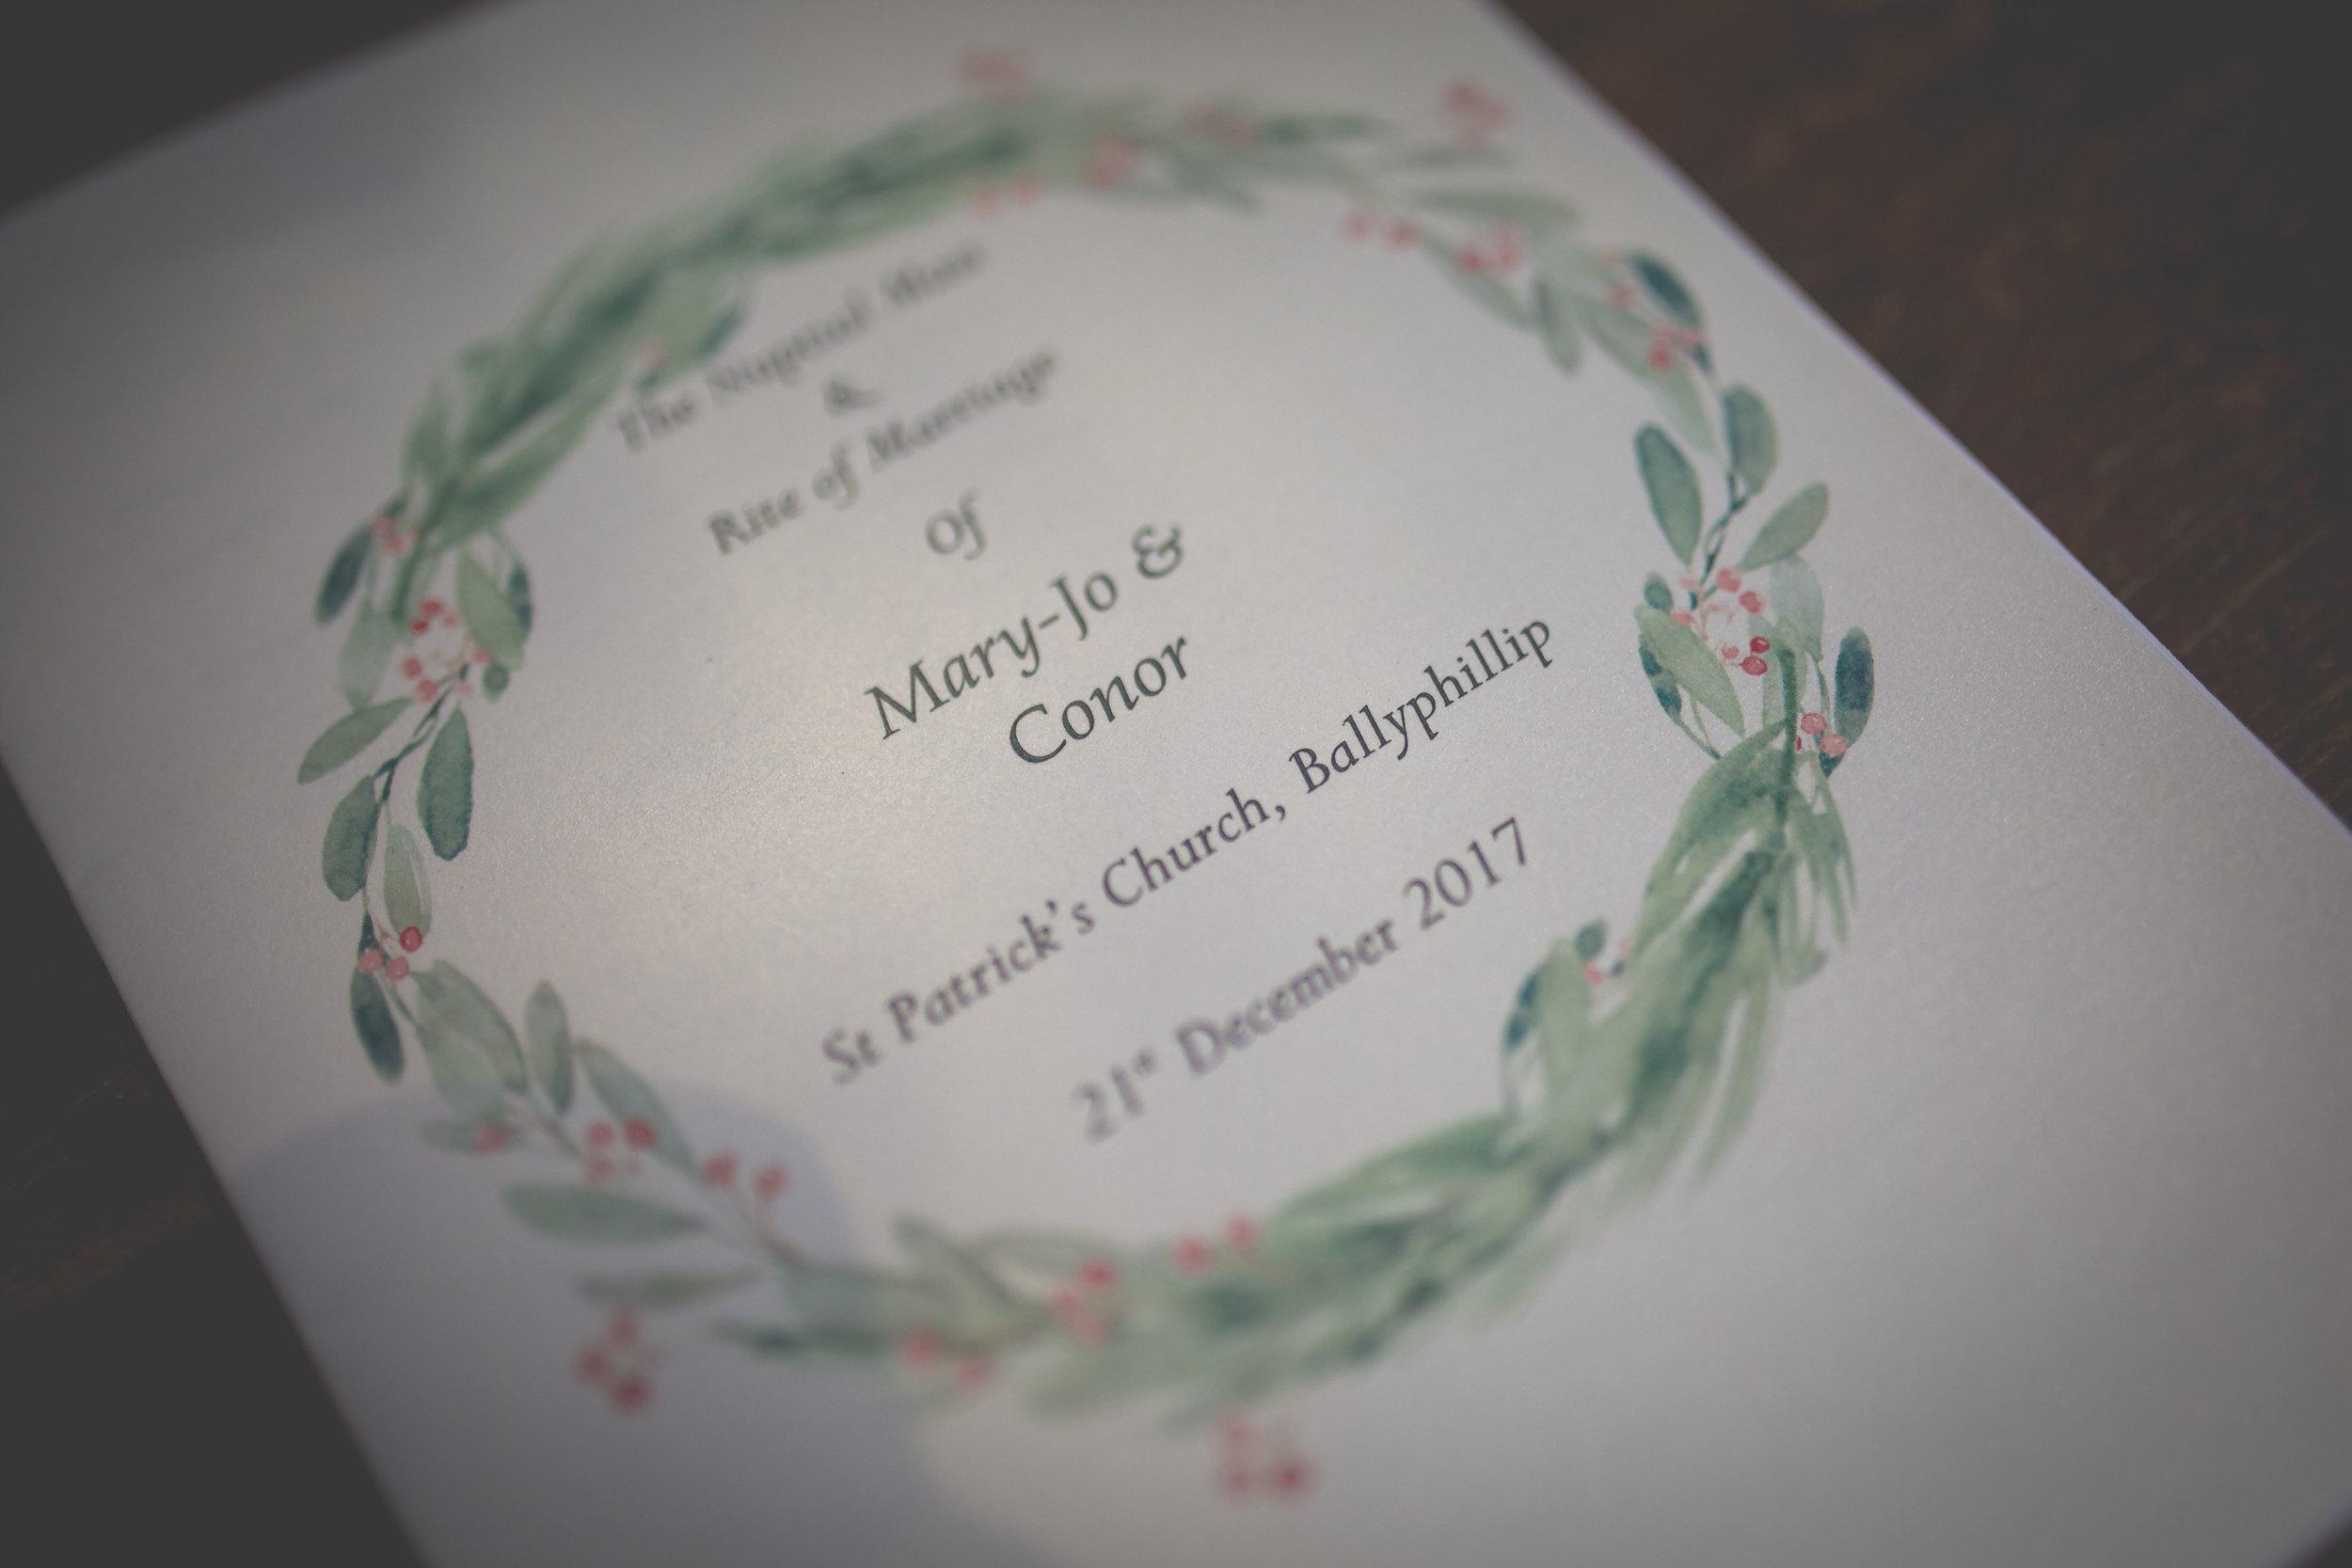 MaryJo_Conor_Mageean_Ceremony-1.jpg